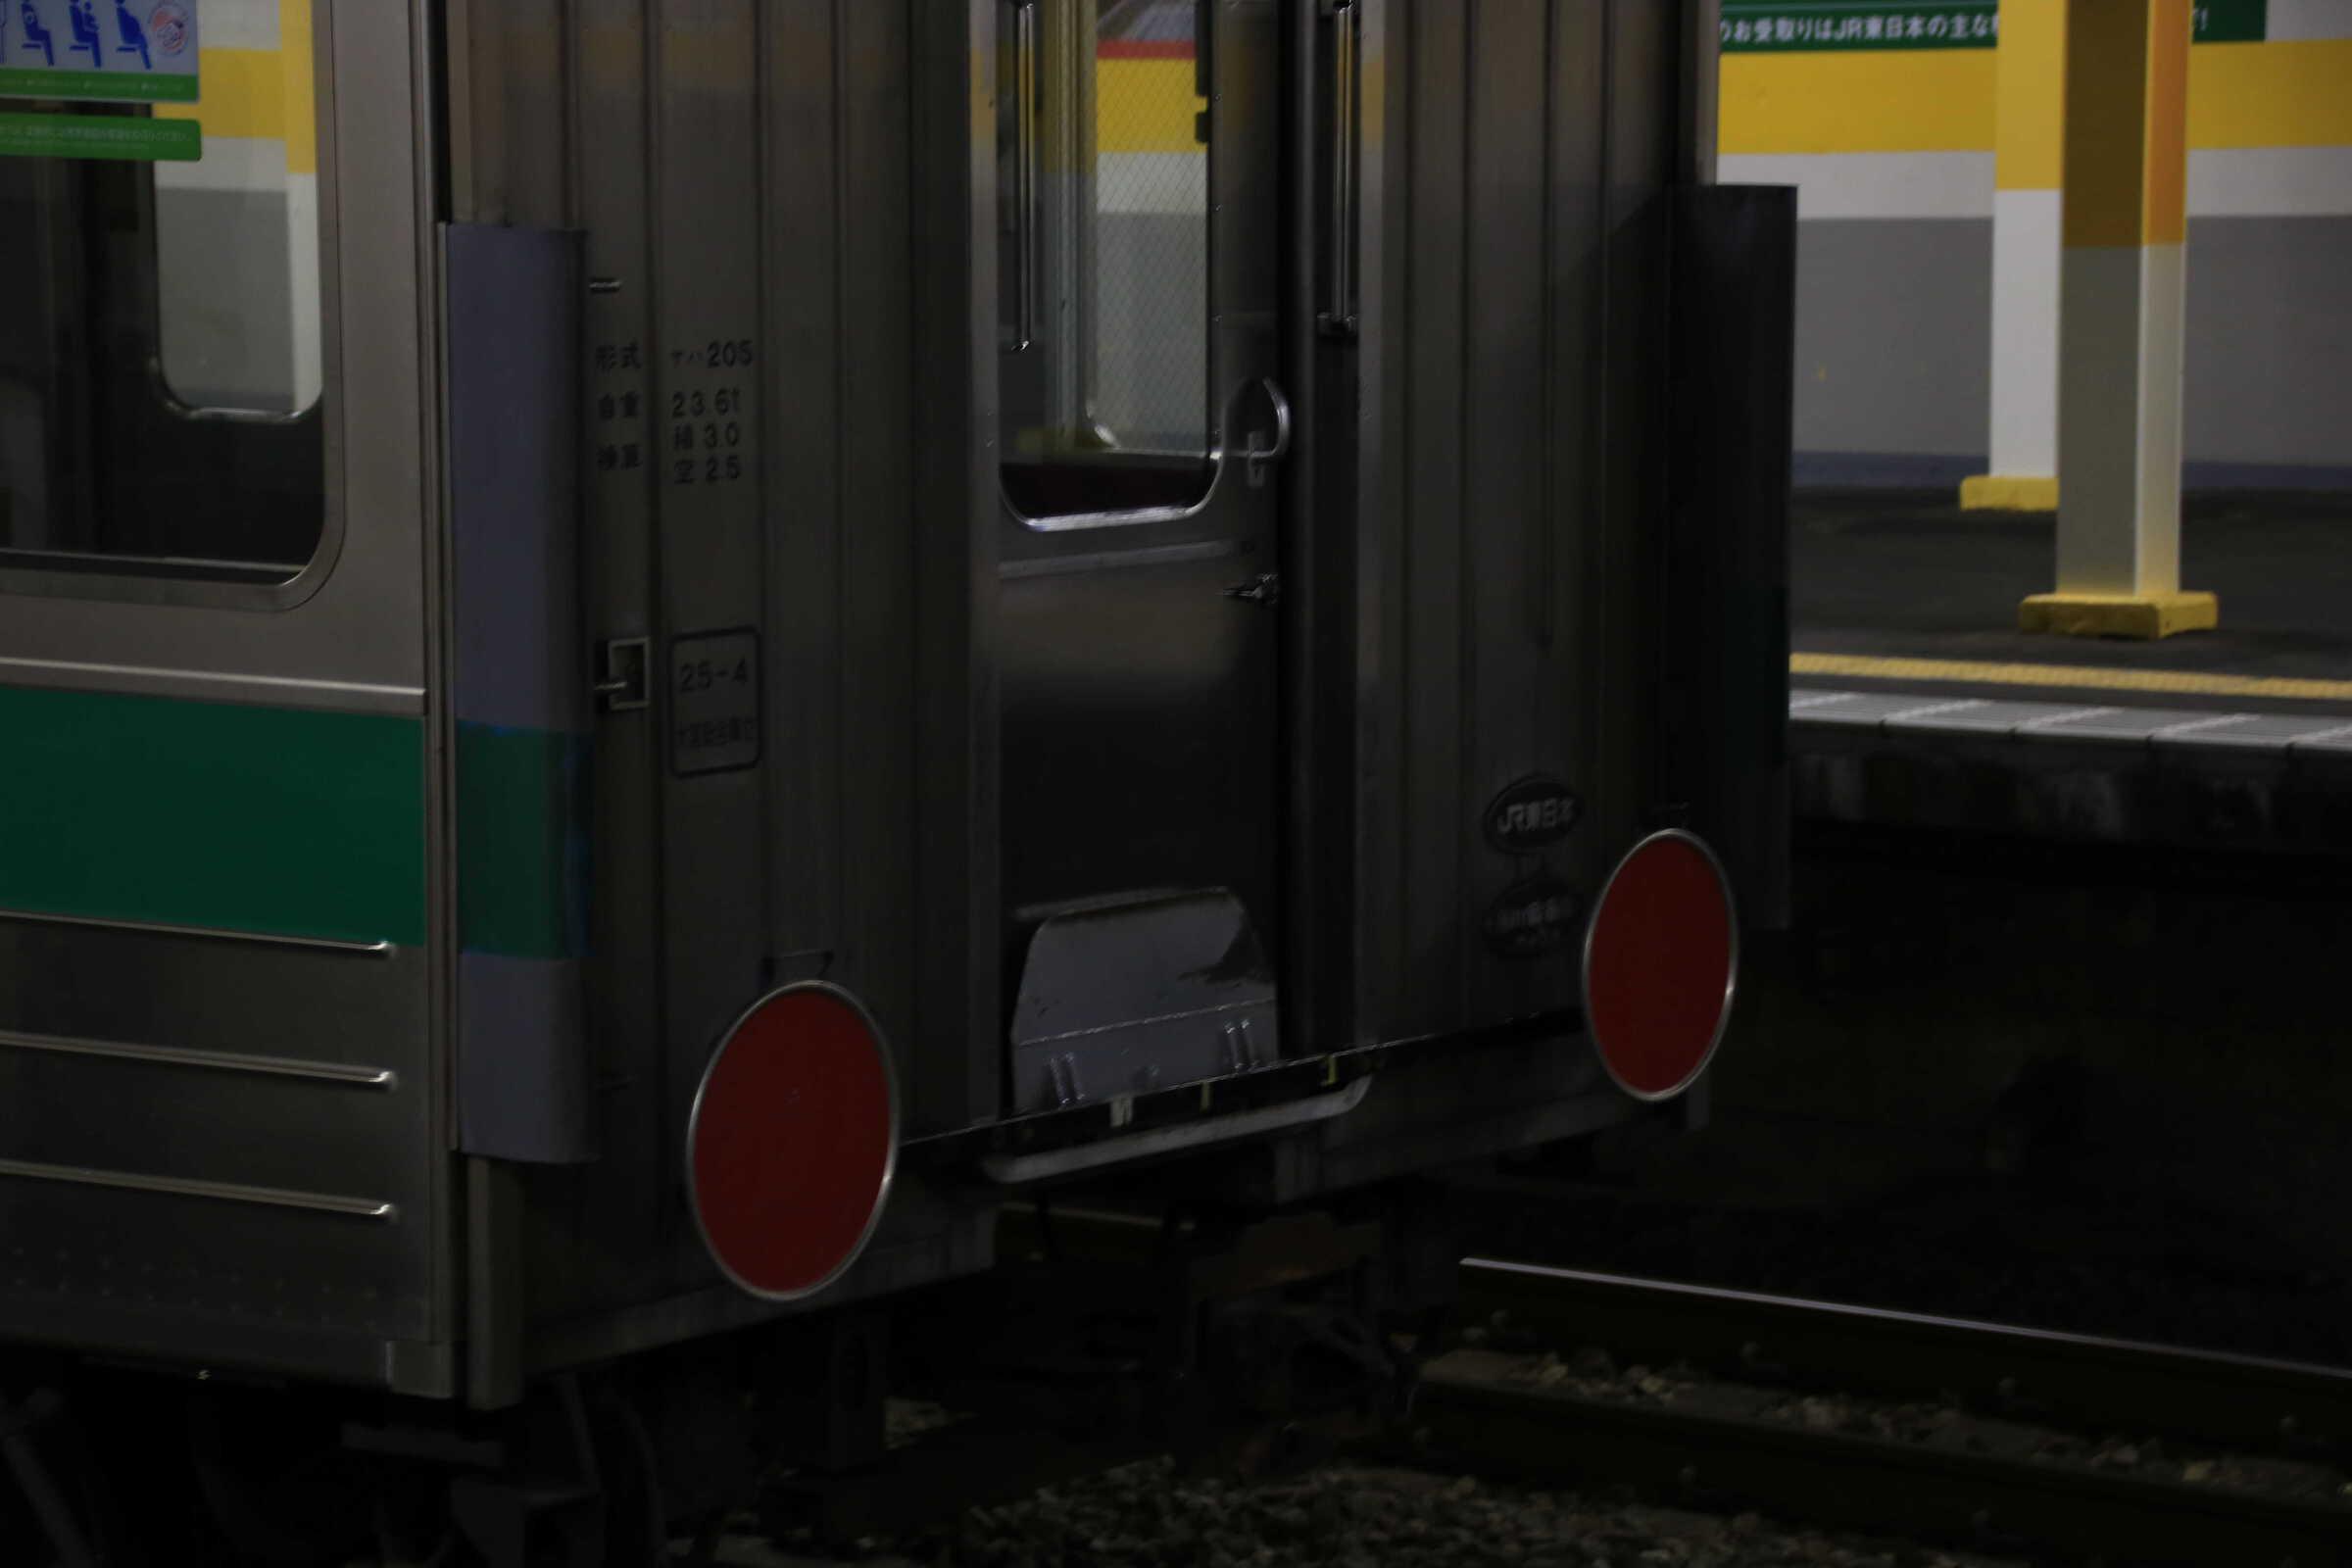 配9564列車 205系 宮ハエ28編成 廃車の為のNN入場配給 EF64-1031①[長岡]+205系 宮ハエ28編成中間車6両(7〜2号車)